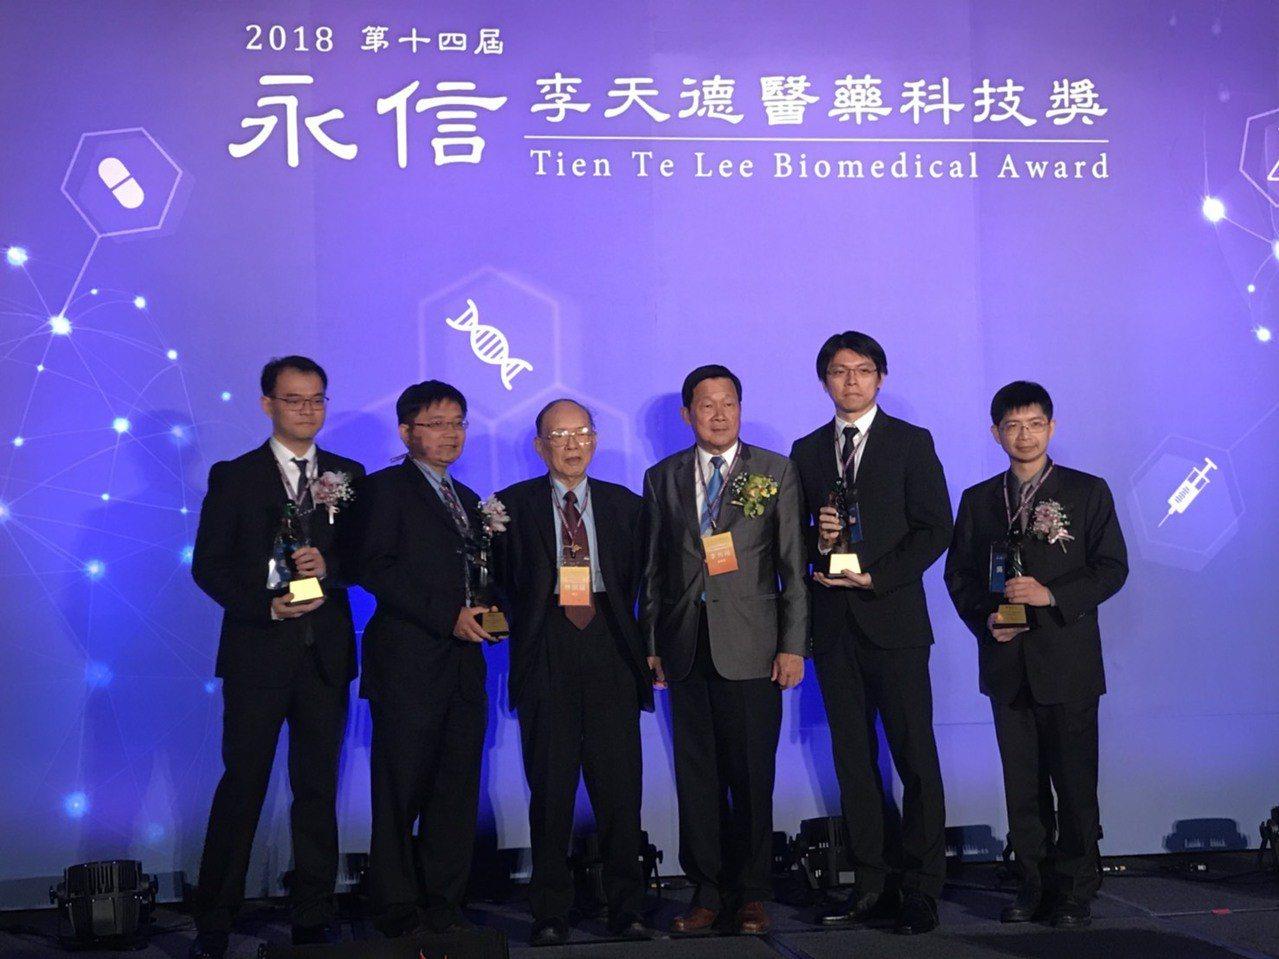 「第14屆永信李天德醫藥科技獎」今頒獎,從上百位申請者中選出包括「卓越醫藥科技獎...